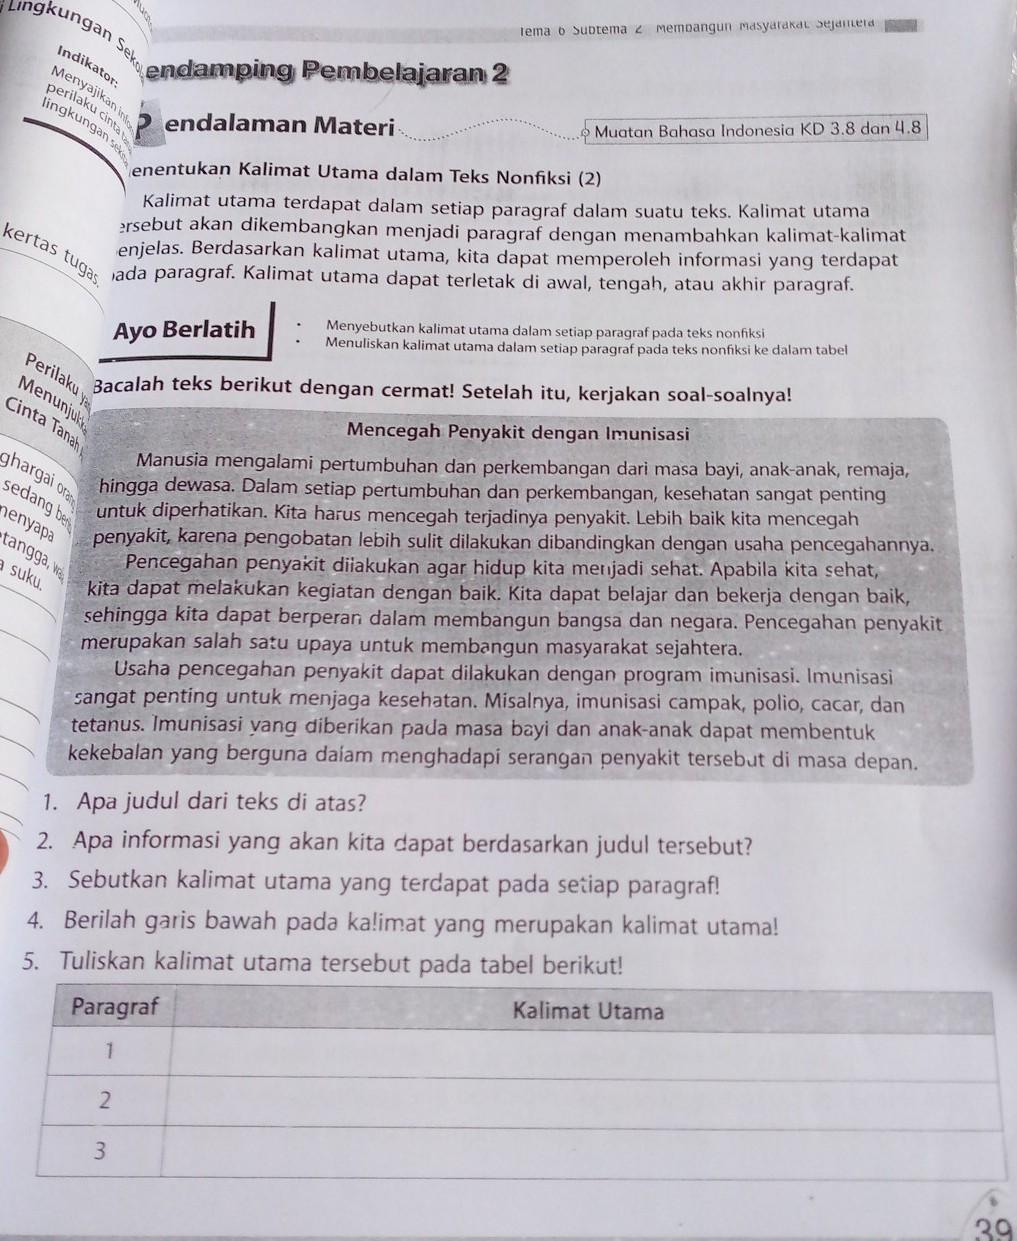 Gagasan Utama Dapat Terletak Di : gagasan, utama, dapat, terletak, Sebutkan, Kalimat, Utama, Terdapat, Setiap, Paragraf, Brainly.co.id